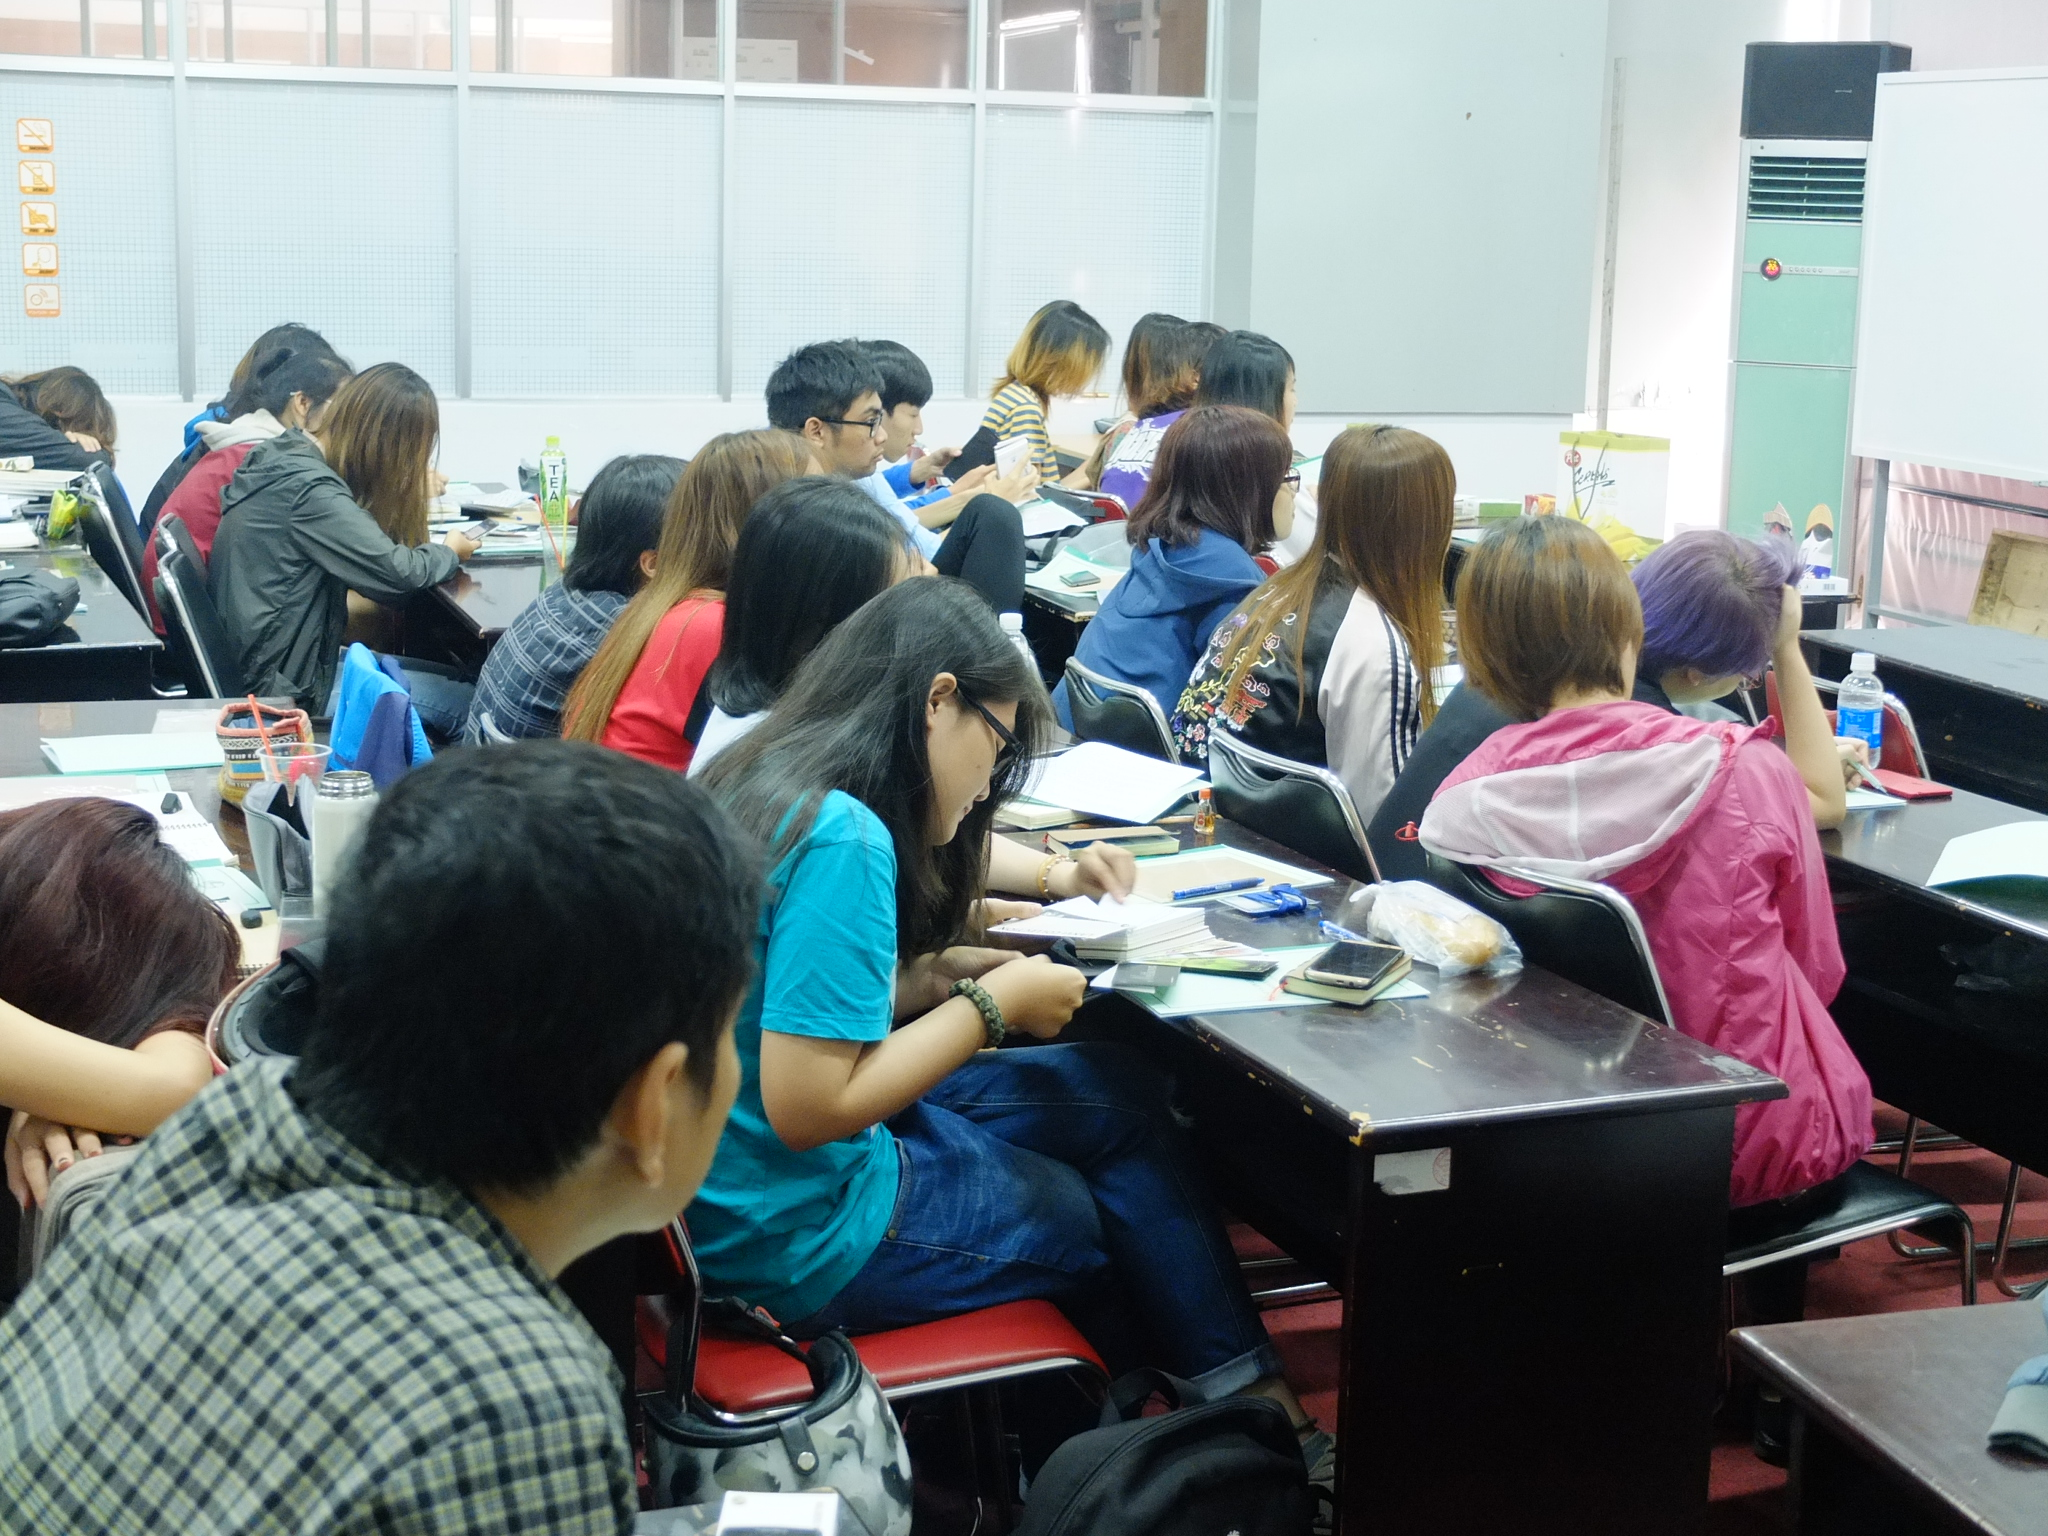 Giấy Lan Vi | Training giấy và kĩ thuật in cho sinh viên trường ĐH Mỹ Thuật TP.HCM